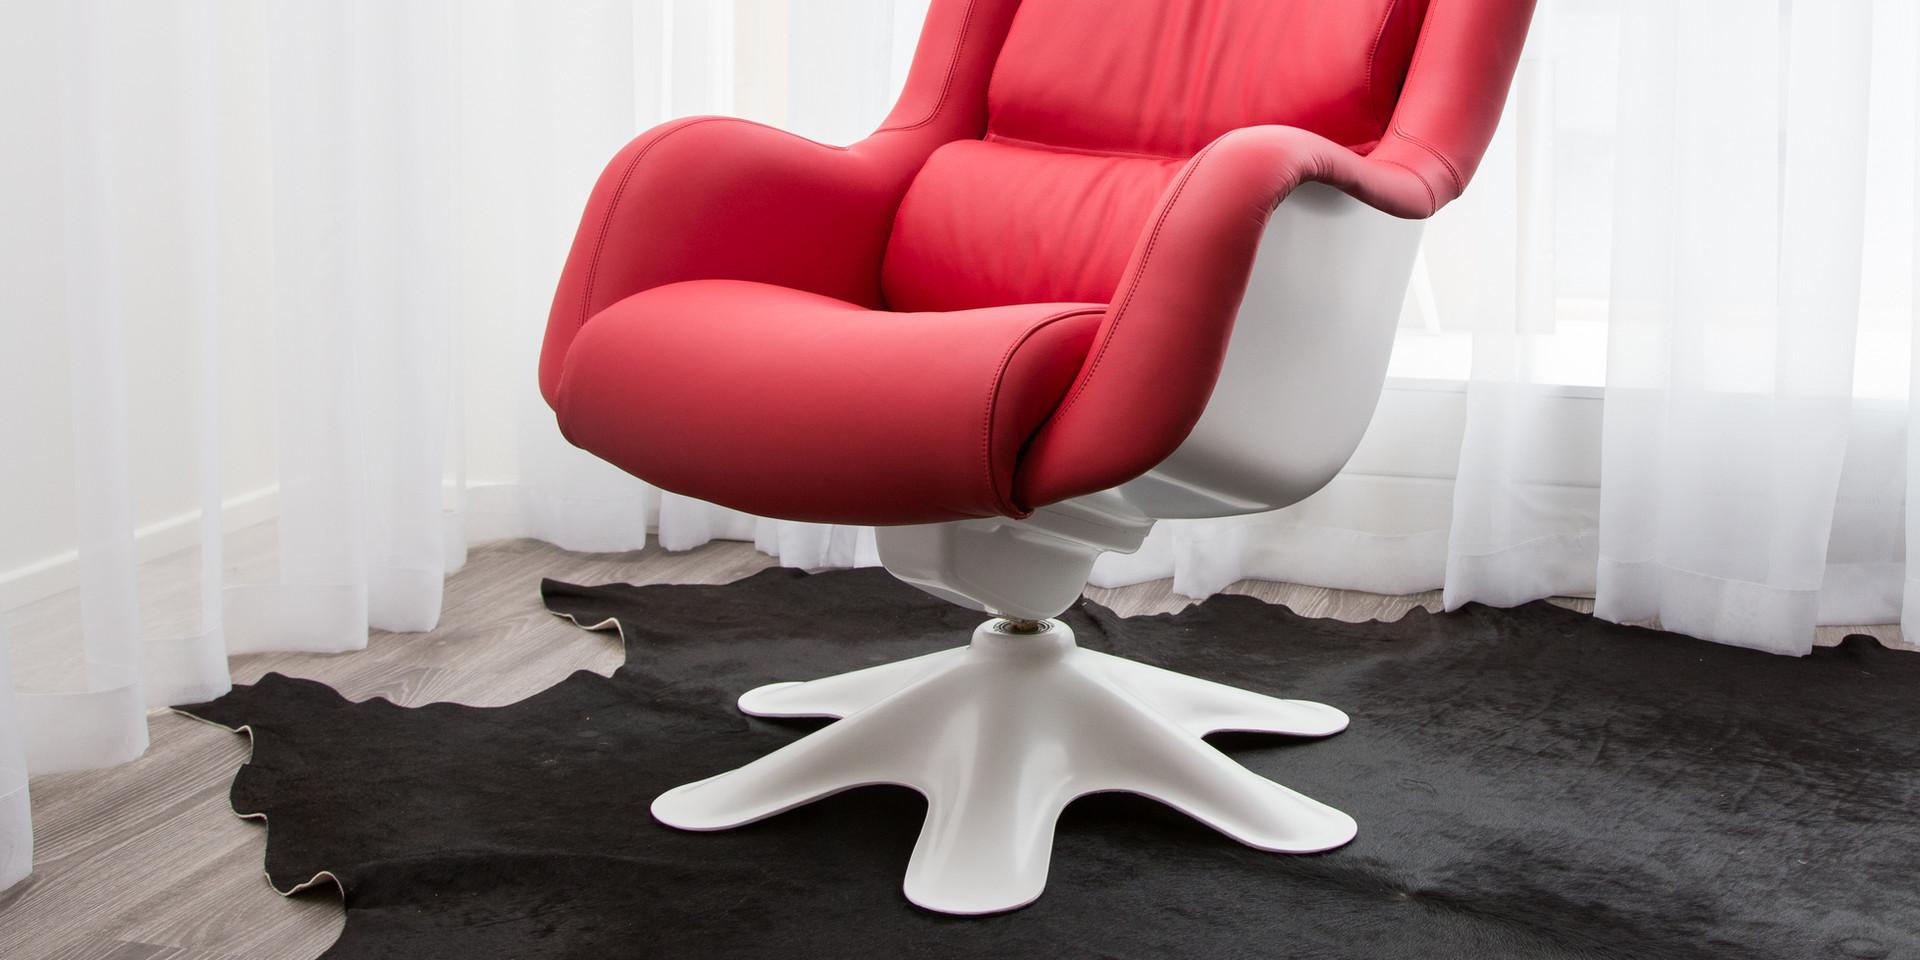 418-tuoli